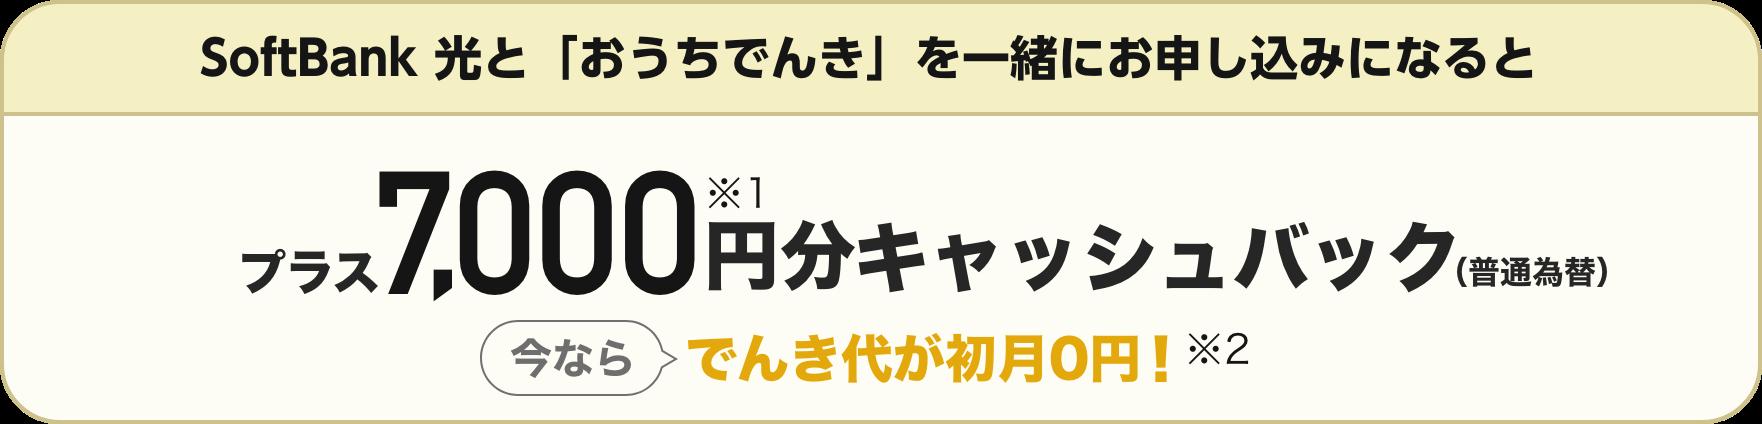 SoftBank 光と「おうちでんき」を一緒にお申し込みになると プラス7,000円分※1キャッシュバック(普通為替) 今ならでんき代が初月0円! ※2